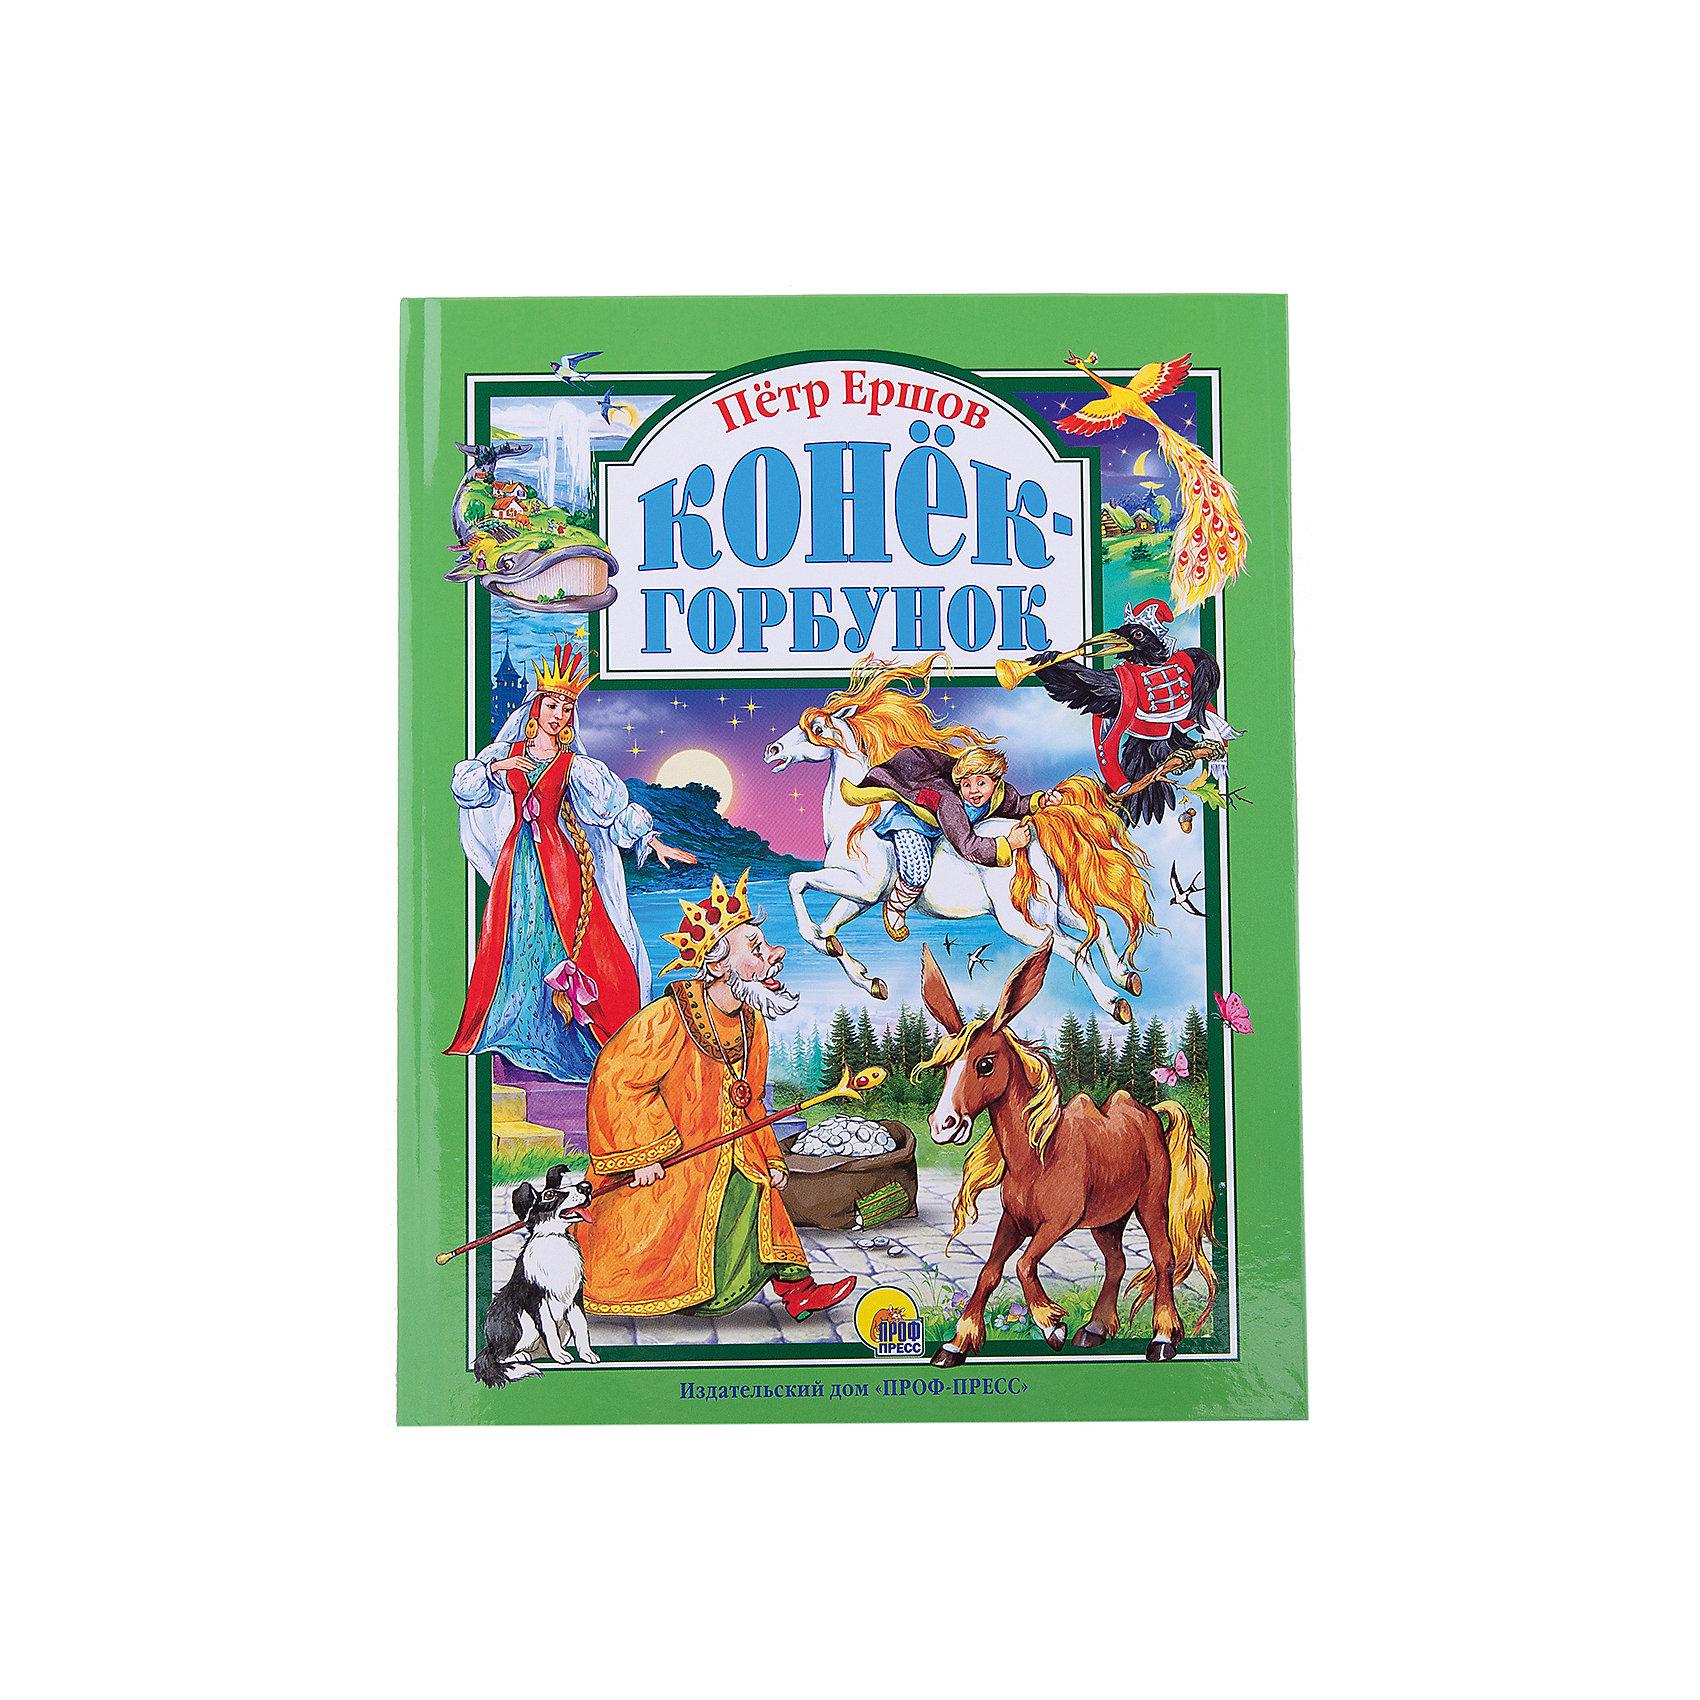 Конёк-горбунок, П. ЕршовЕршов П.П.<br>Данная серия изданий собрала сказки, проверенные многими поколениями, которые понравятся и современным детям. Книги - это лучший подарок не только взрослым, они помогают детям познавать мир и учиться читать, также книги позволяют ребенку весело проводить время. Они также стимулируют развитие воображения, логики и творческого мышления.<br>Это издание очень красиво оформлено, сама сказка про Конька-Горбунка неизменно впечатляет детей. Яркие картинки обязательно понравятся малышам! Книга сделана из качественных и безопасных для детей материалов.<br>  <br>Дополнительная информация:<br><br>размер: 200х265 мм;<br>вес: 441 г.<br><br>Книгу Конёк-горбунок, П. Ершов от издательства Проф-Пресс можно купить в нашем магазине.<br><br>Ширина мм: 200<br>Глубина мм: 13<br>Высота мм: 265<br>Вес г: 441<br>Возраст от месяцев: 36<br>Возраст до месяцев: 60<br>Пол: Унисекс<br>Возраст: Детский<br>SKU: 4787321